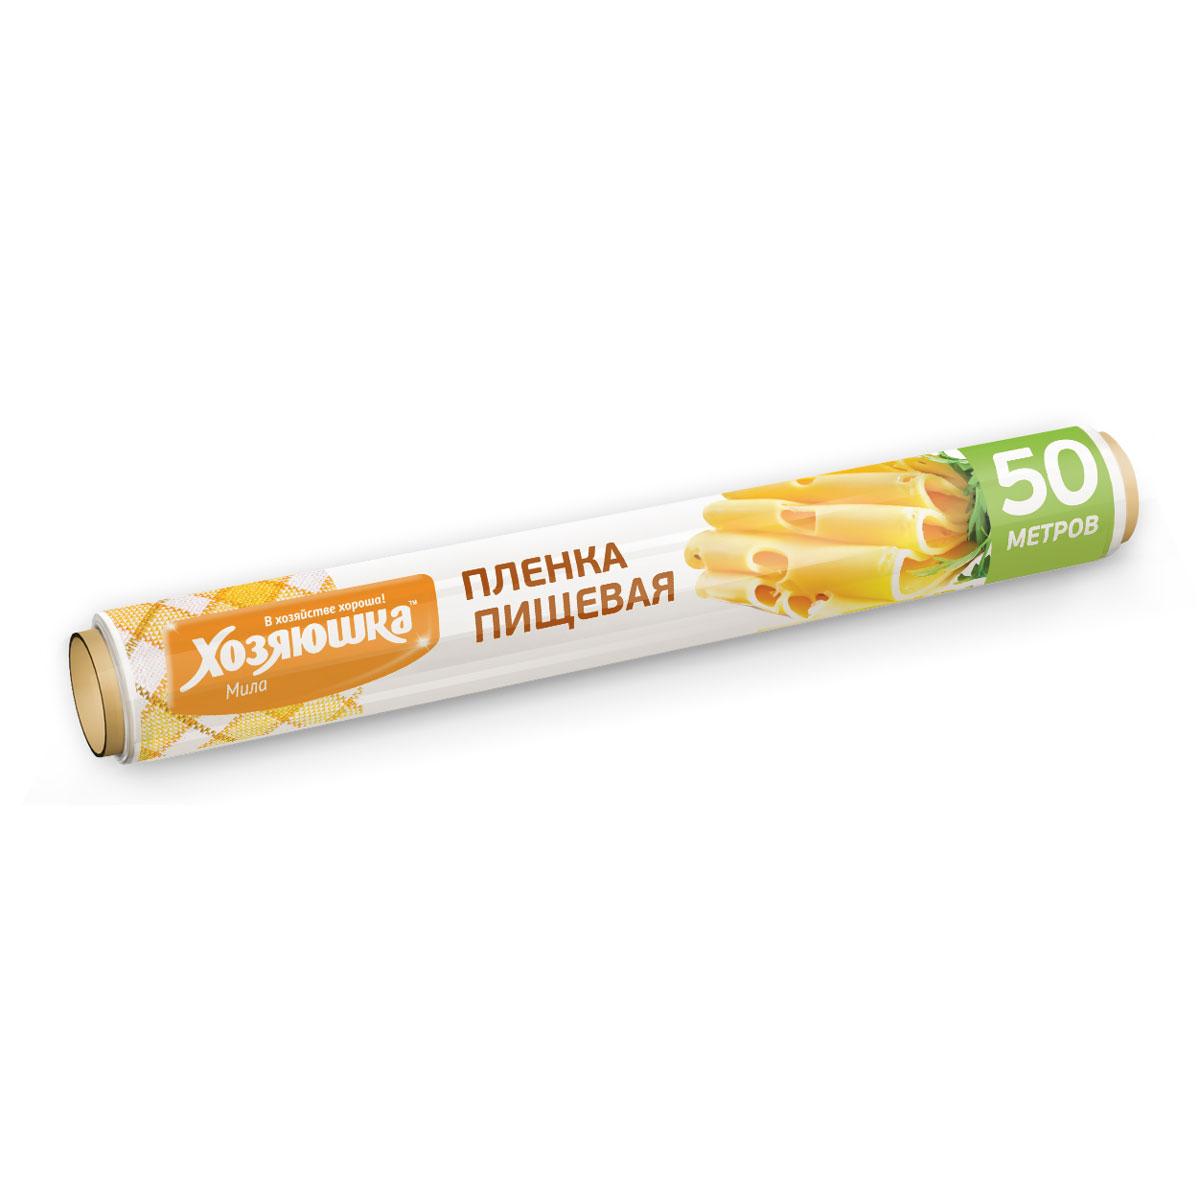 Пленка пищевая Хозяюшка Мила, 50 м09032Пищевая пленка Хозяюшка Мила, изготовленная из пищевого полиэтилена, позволяет увеличить срок хранения продуктов, предотвращает смешивание запахов в холодильнике, высыхание продуктов, обеспечивает эстетический вид продуктов, подходит для заворачивания школьных завтраков, бутербродов. Длина пленки: 50 м.